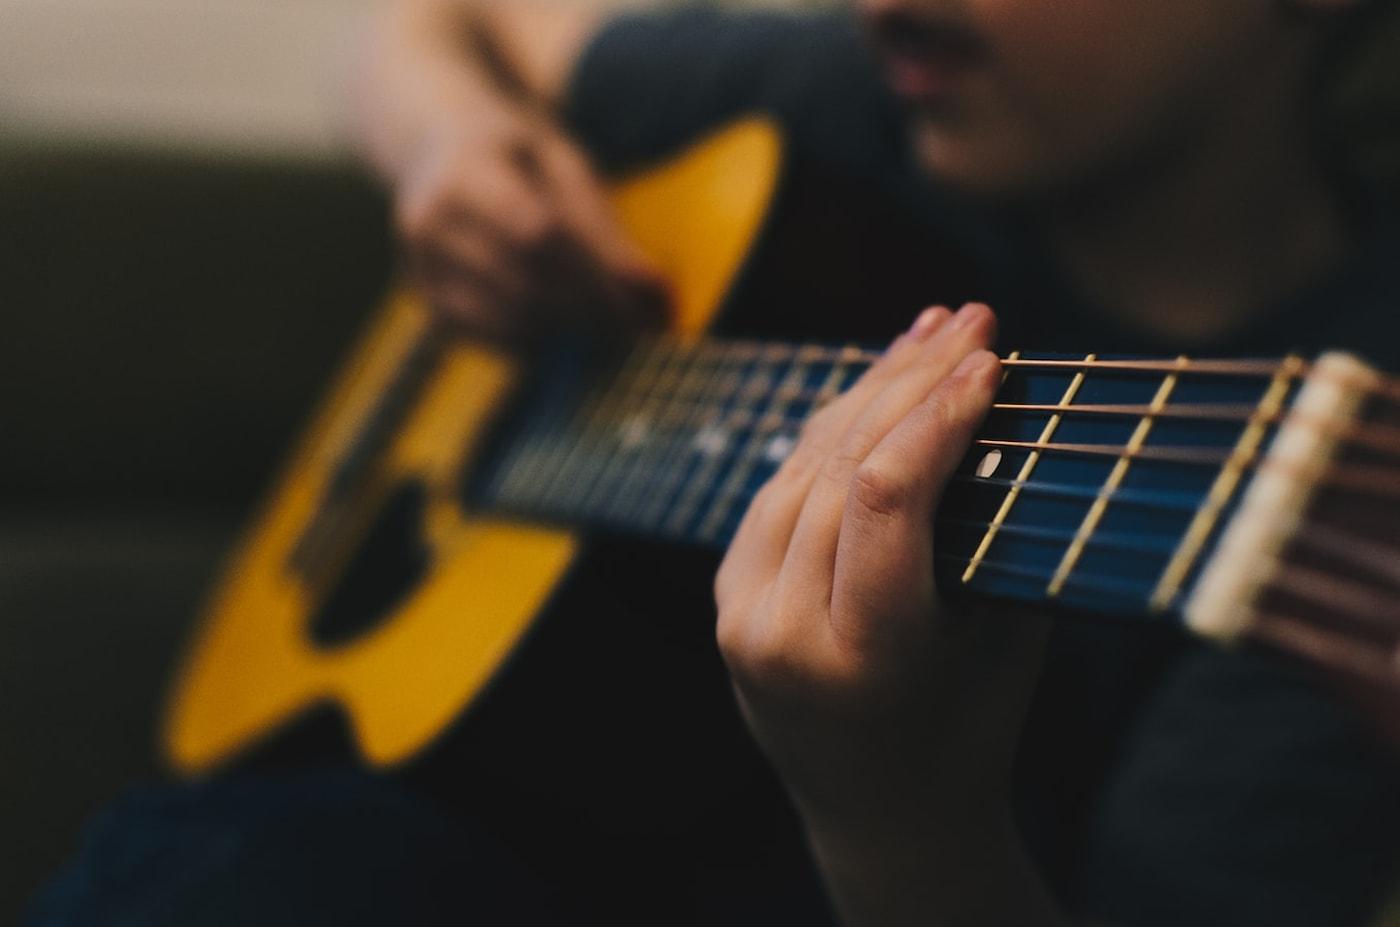 【似て非なるアコースティックギター】Martinの『OM』と『000』、それぞれの違いとは?